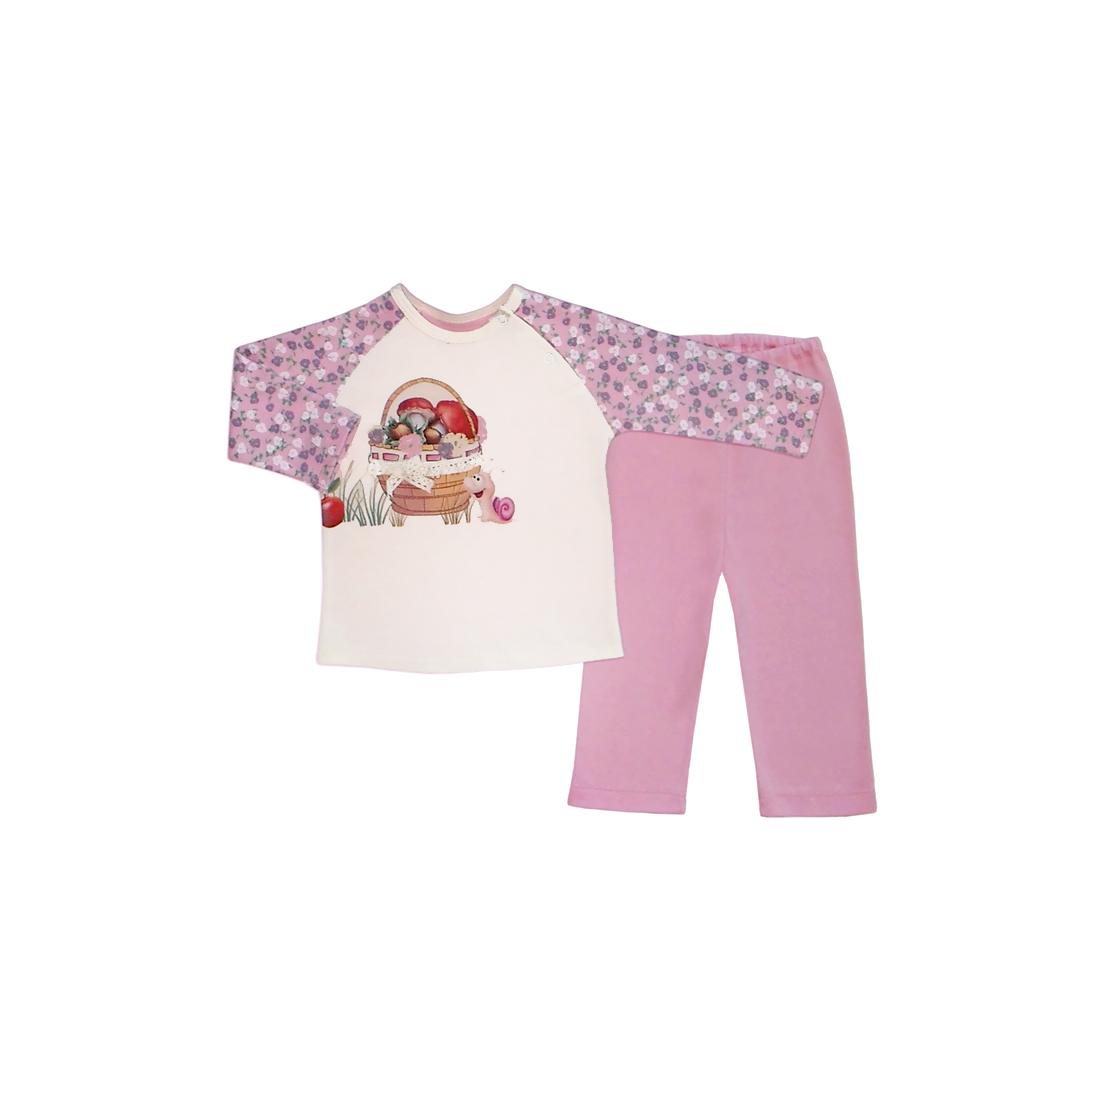 Комплект ясельный Бимоша: кофточка+ползунки, цвет молоко/розовый (146053) 12-18 мес.